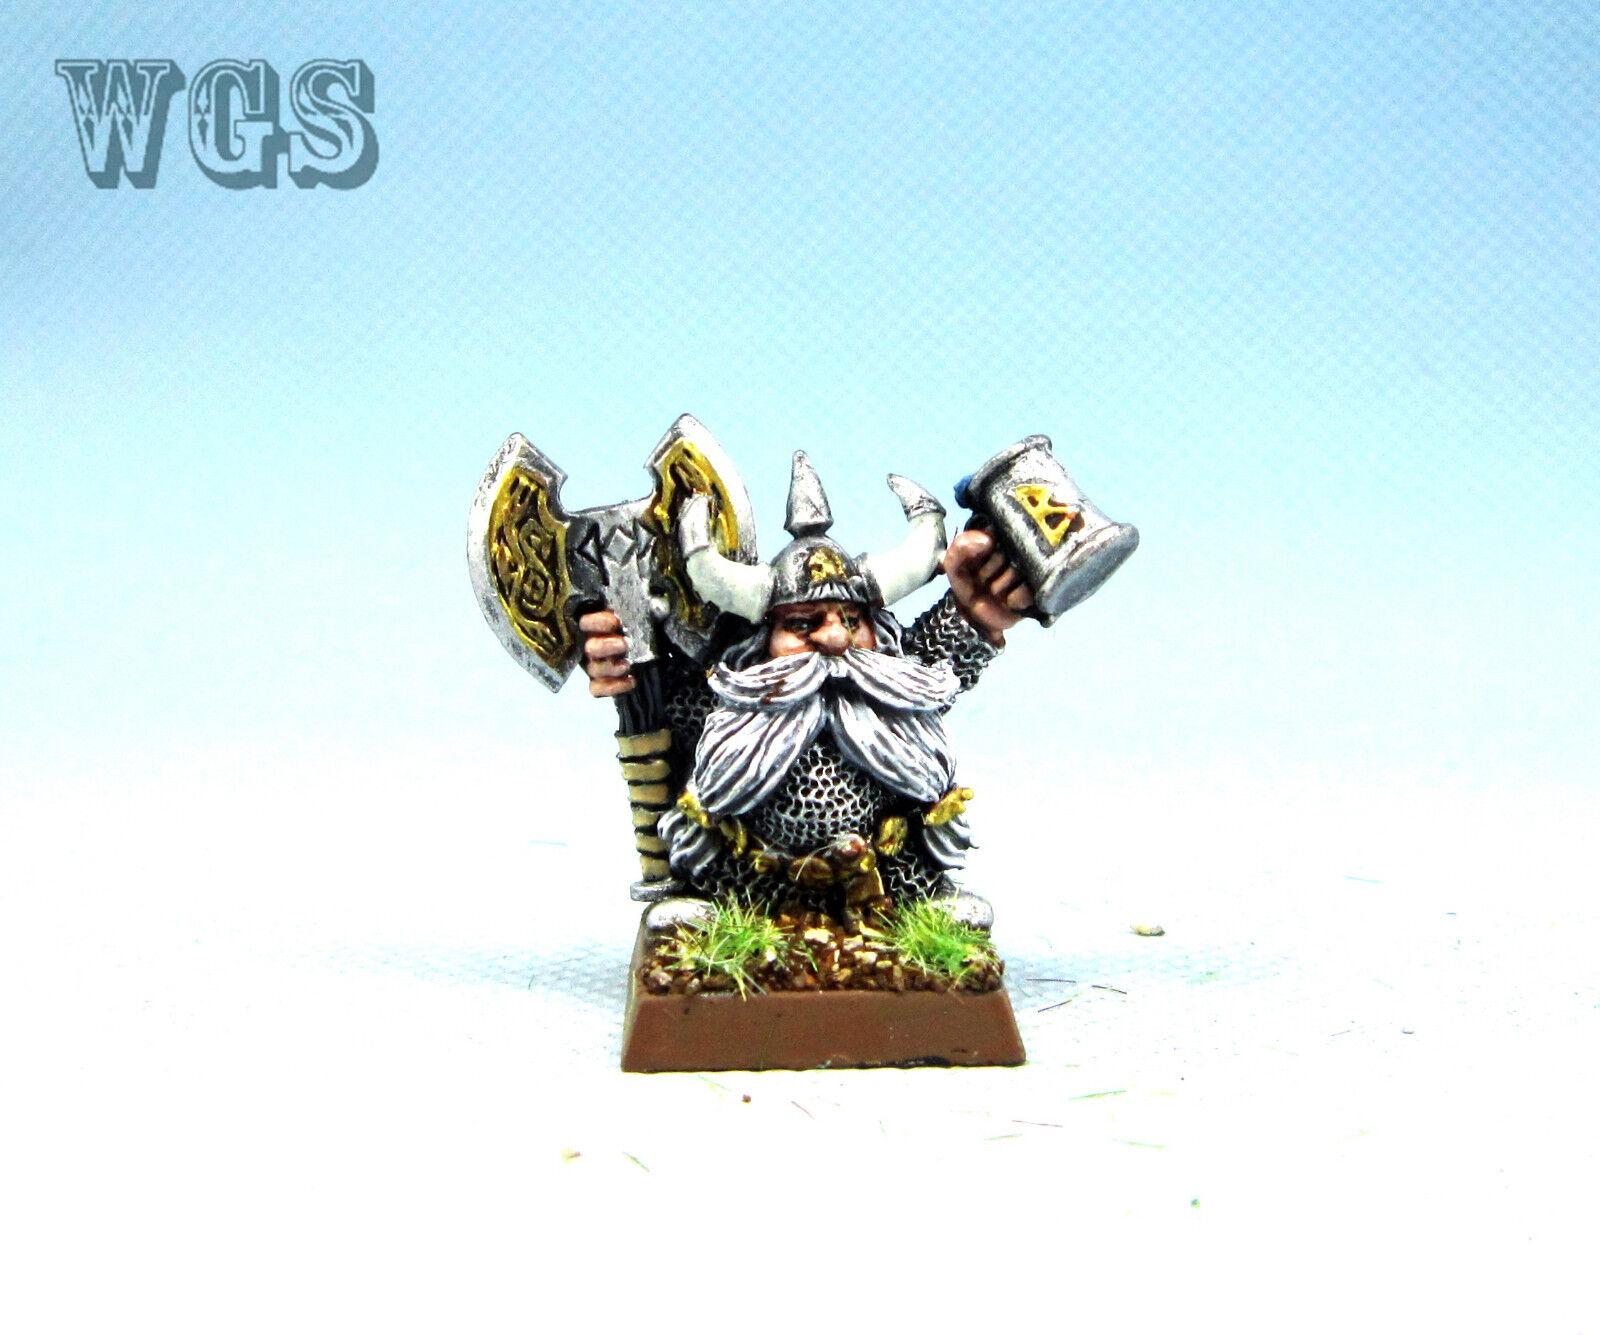 25mm Warhammer Fantasy WGS painted Dwarf Josef Bugman DW050